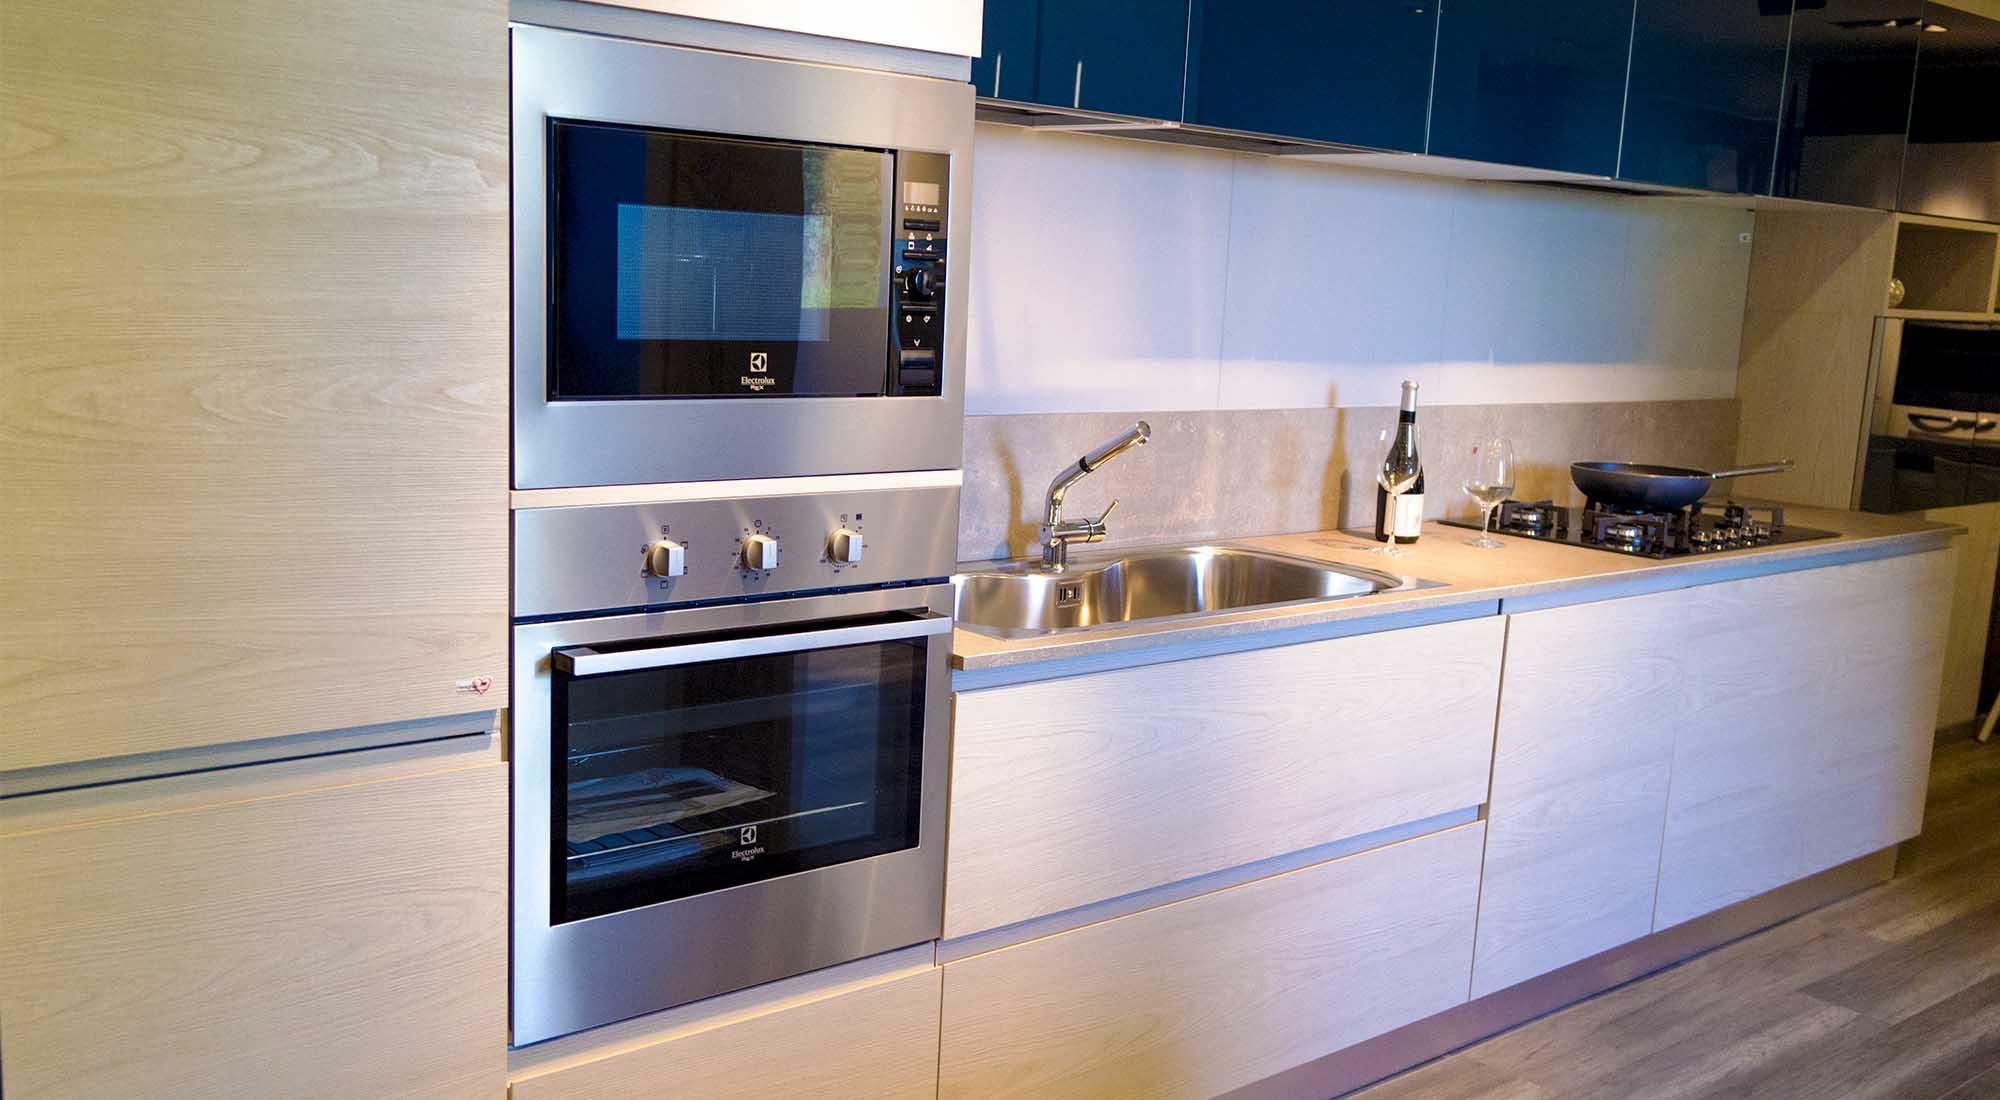 Cucina anta maniglia con pensili in vetro blu cobalto arredamenti meneghello - Profondita pensili cucina ...